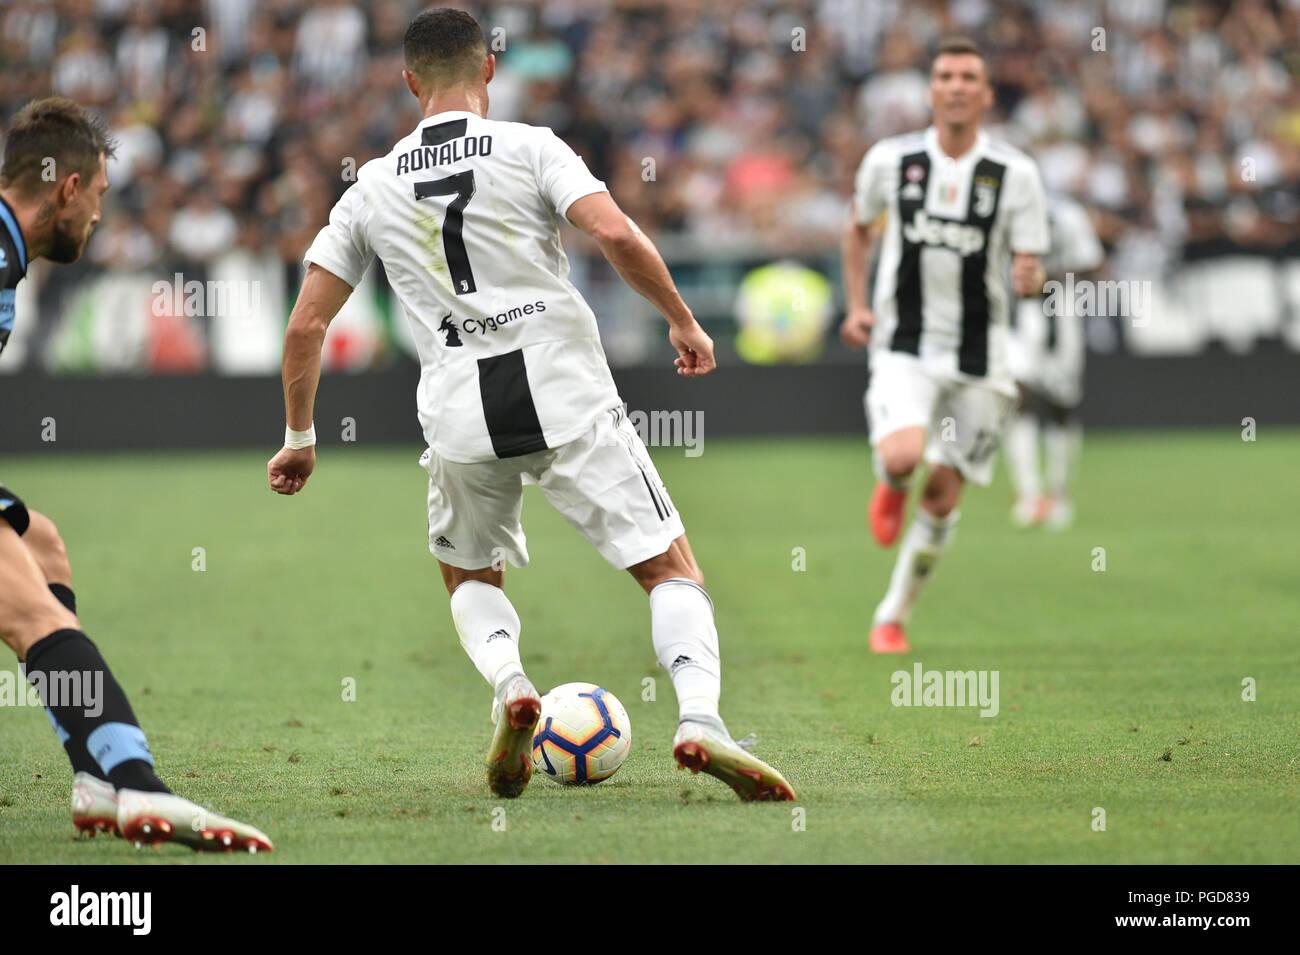 Cristiano Ronaldo Juventus 2018 Stock Photos & Cristiano ...